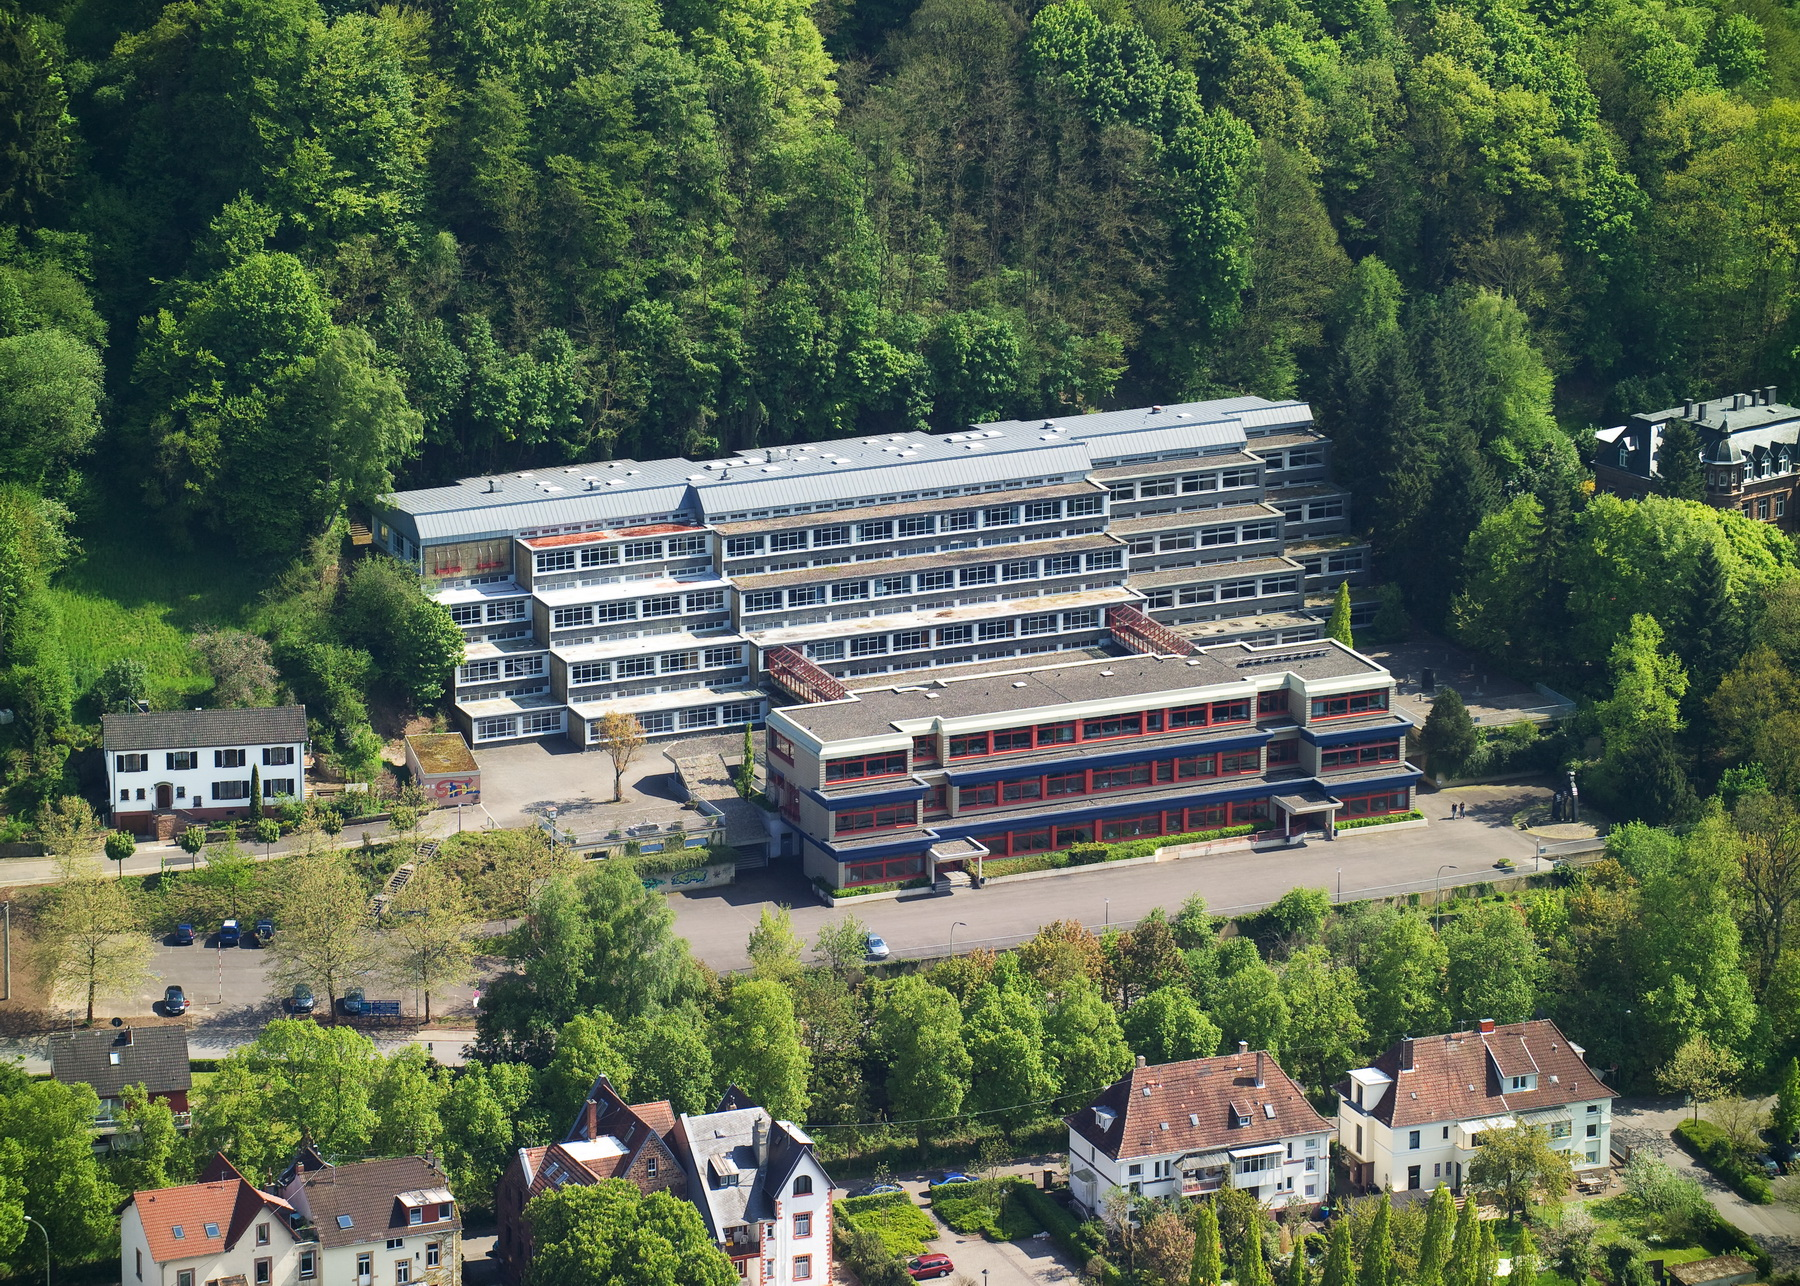 Luftansicht der Christian-Kretzschmar-Schule in Merzig